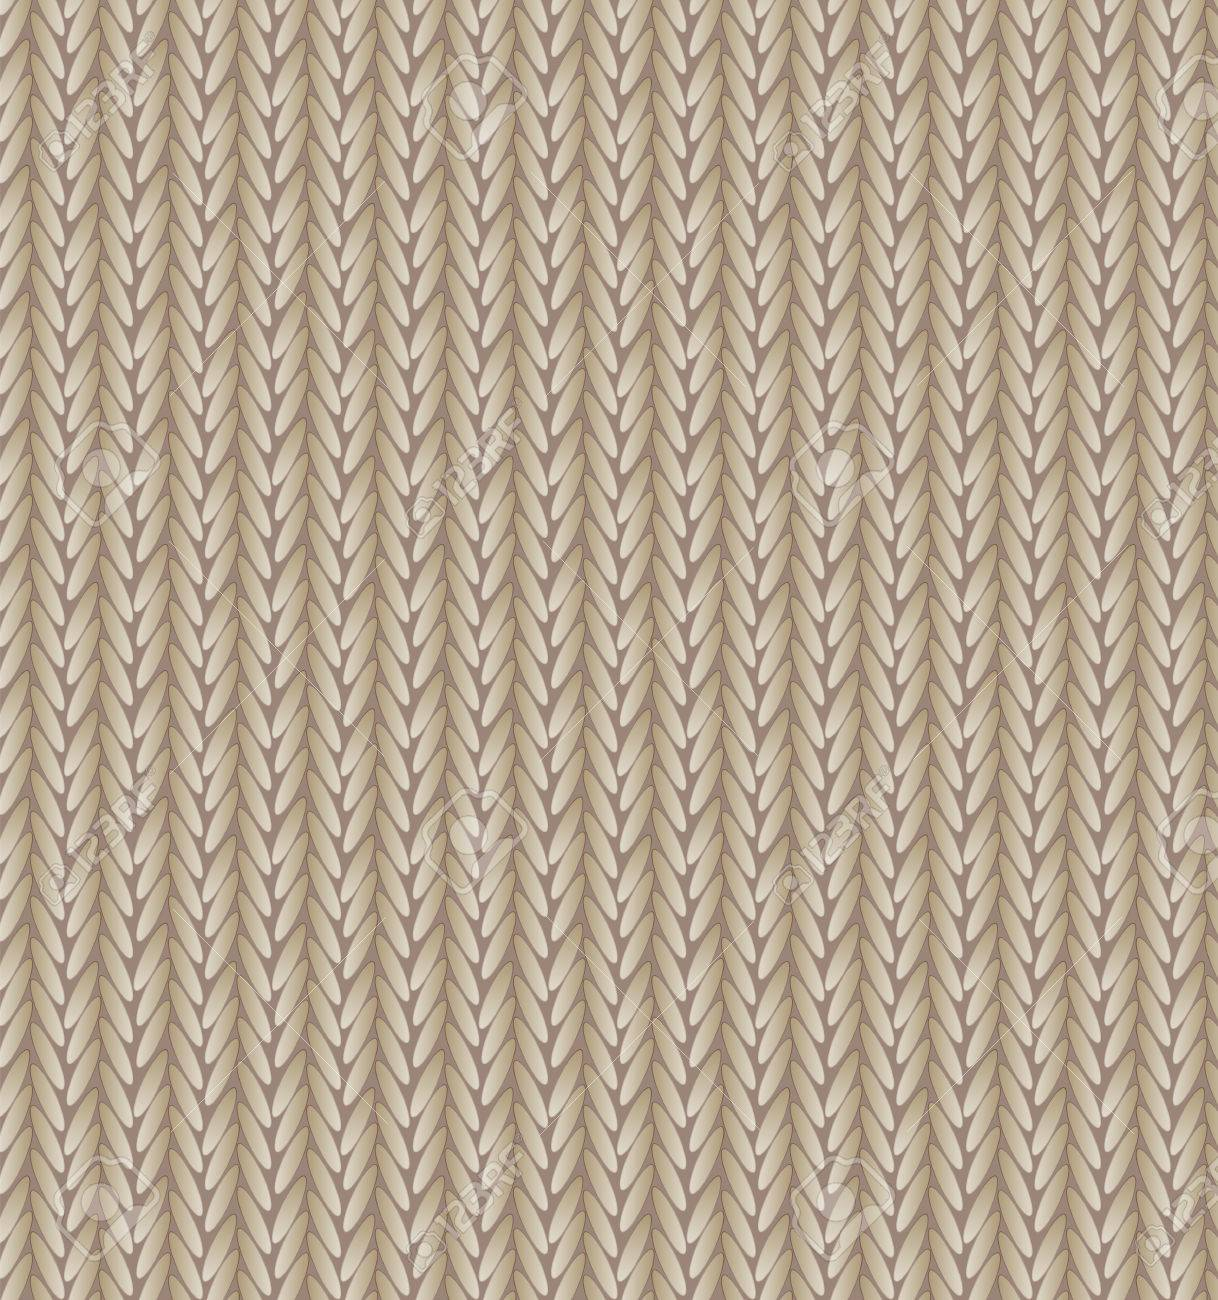 Fondo Marrón Textura De Suéter Ilustraciones Vectoriales, Clip Art ...